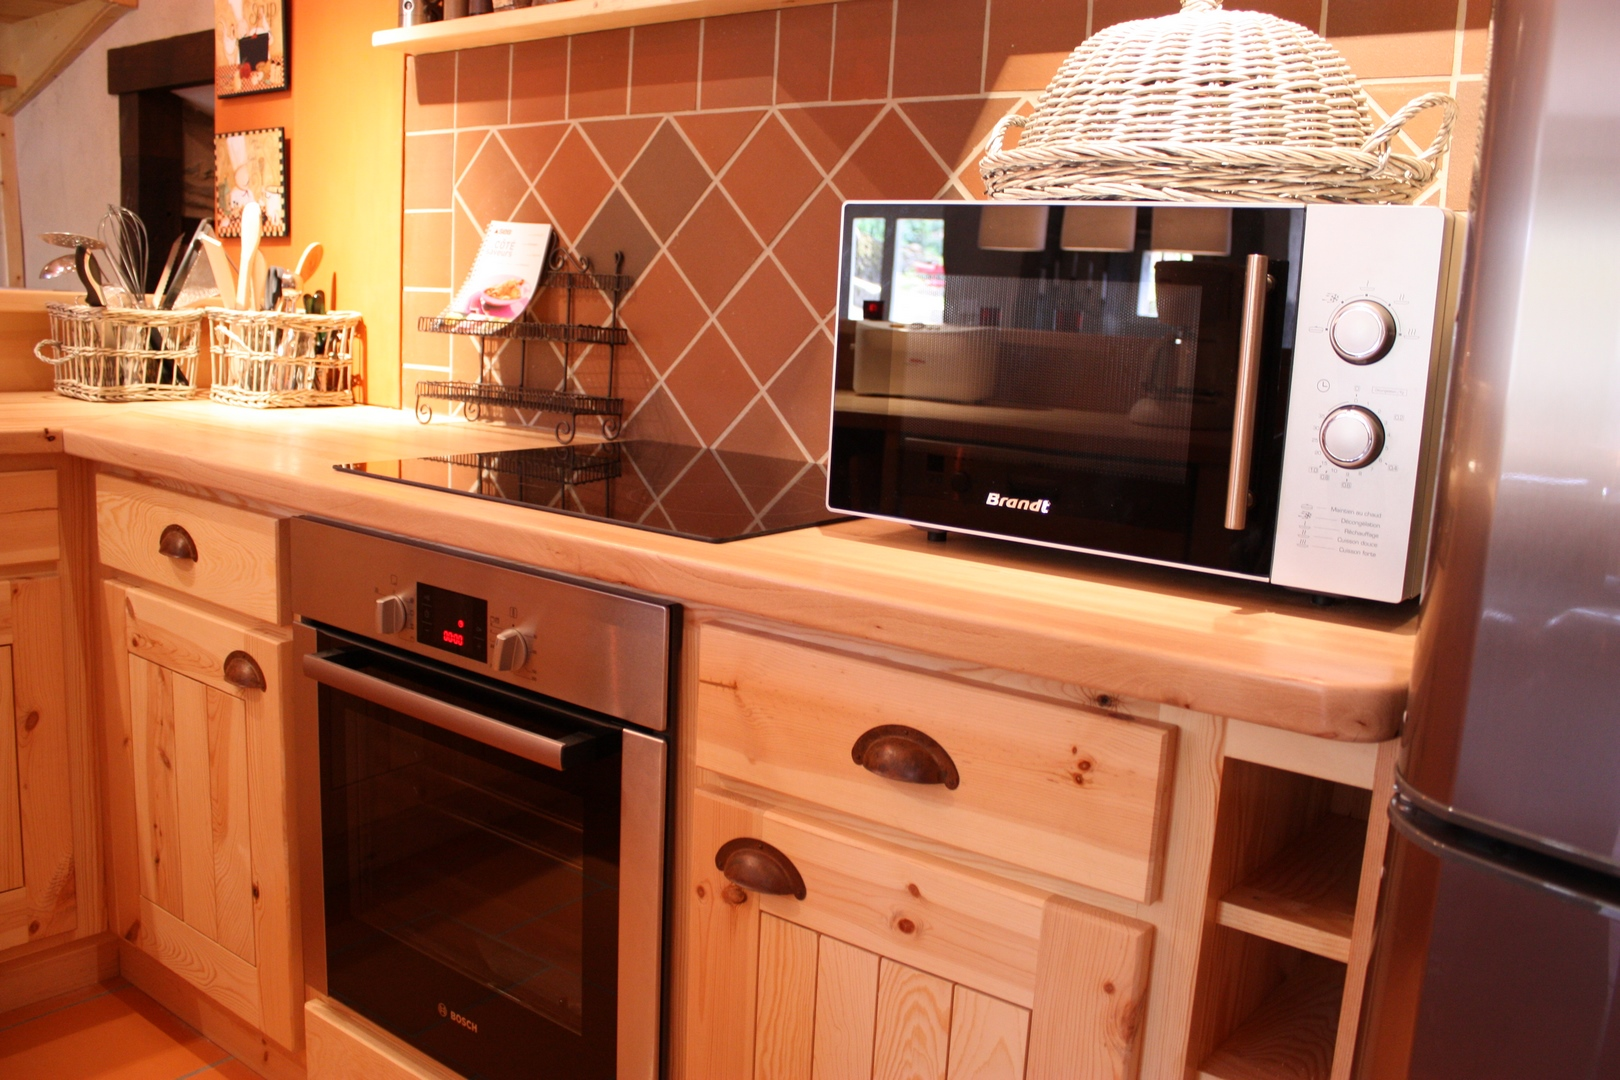 Cuisine toute quipe stunning cuisine tout equipee cuisine for Petite cuisine toute equipee